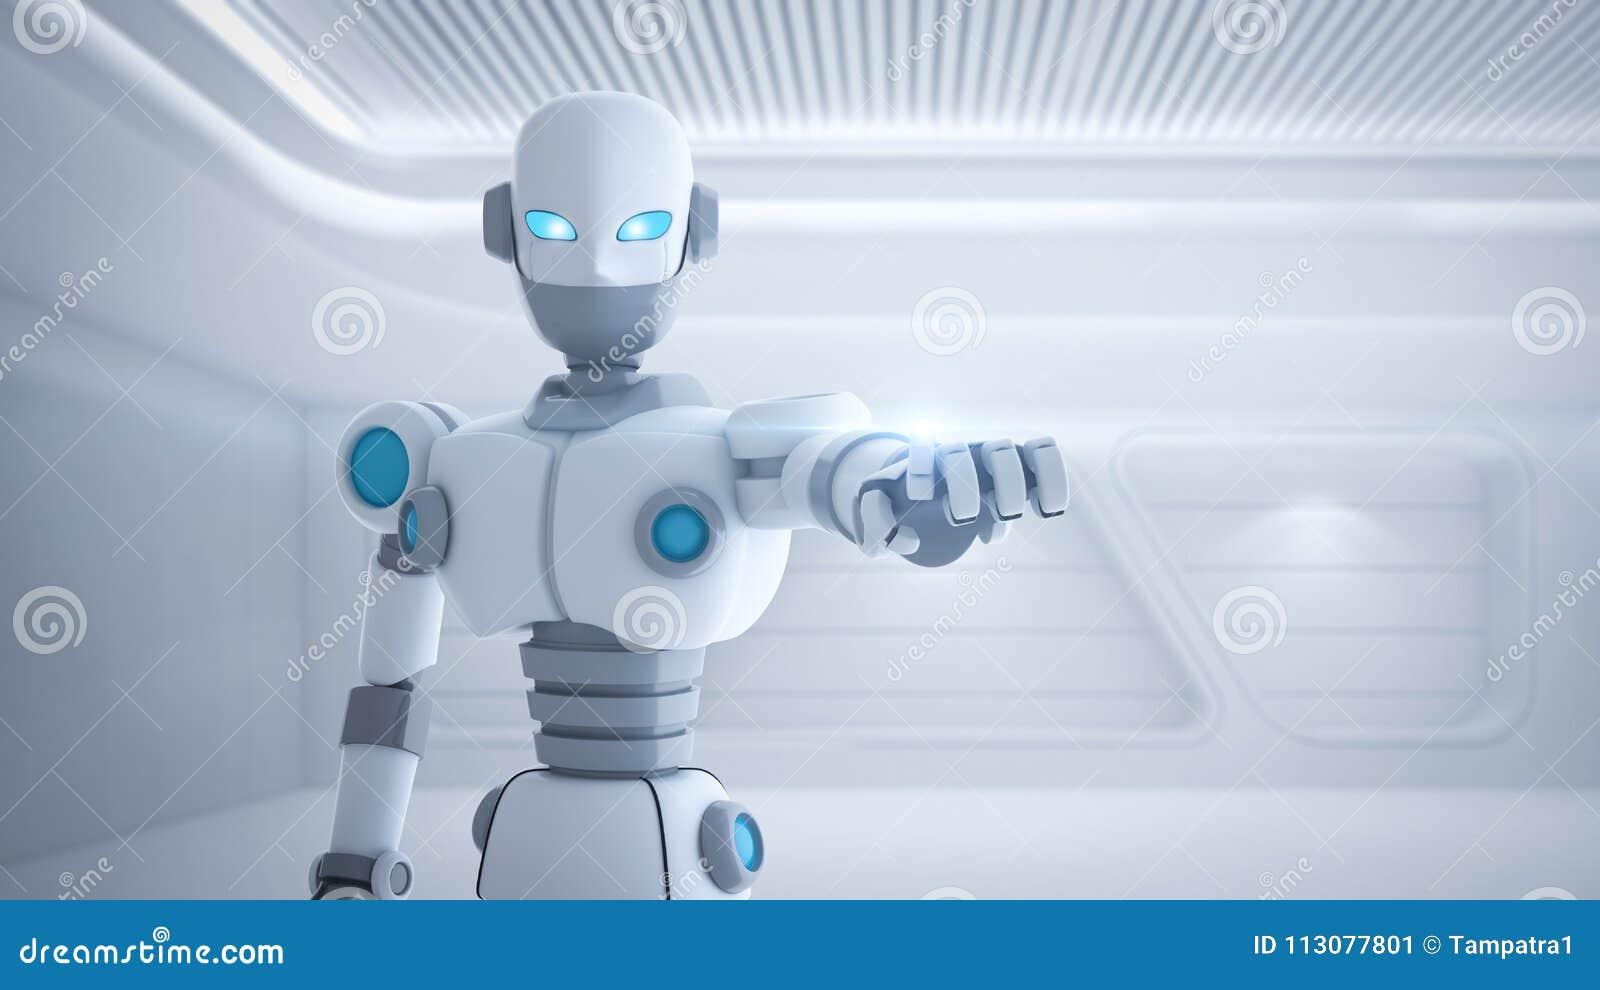 Zeigender Roboterfinger, künstliche Intelligenz in futuristischem